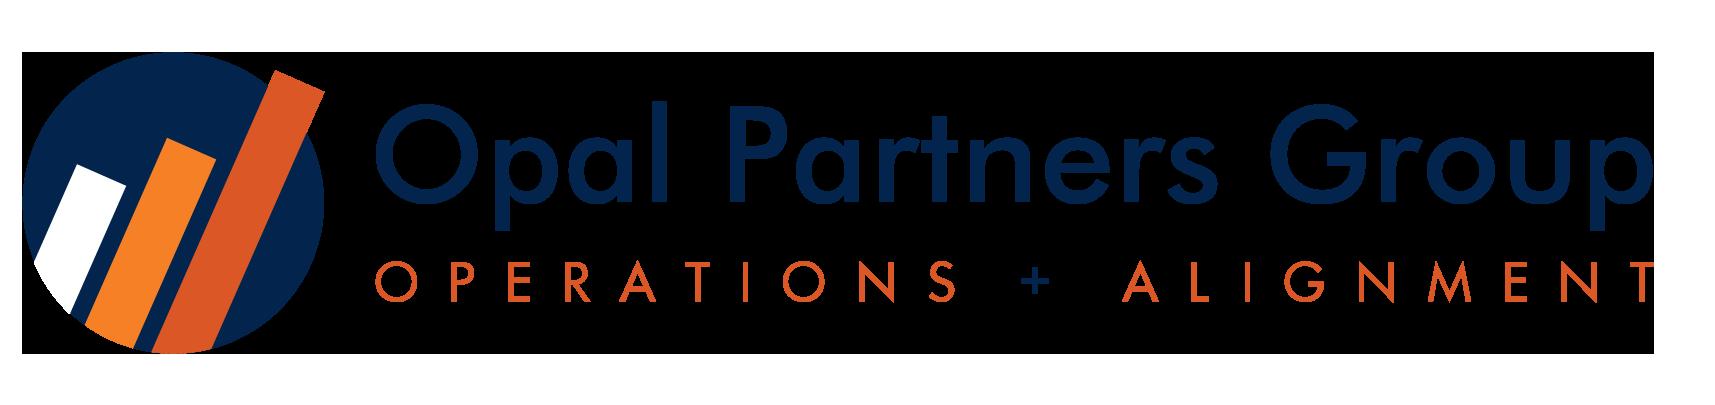 OPAL Partners Group